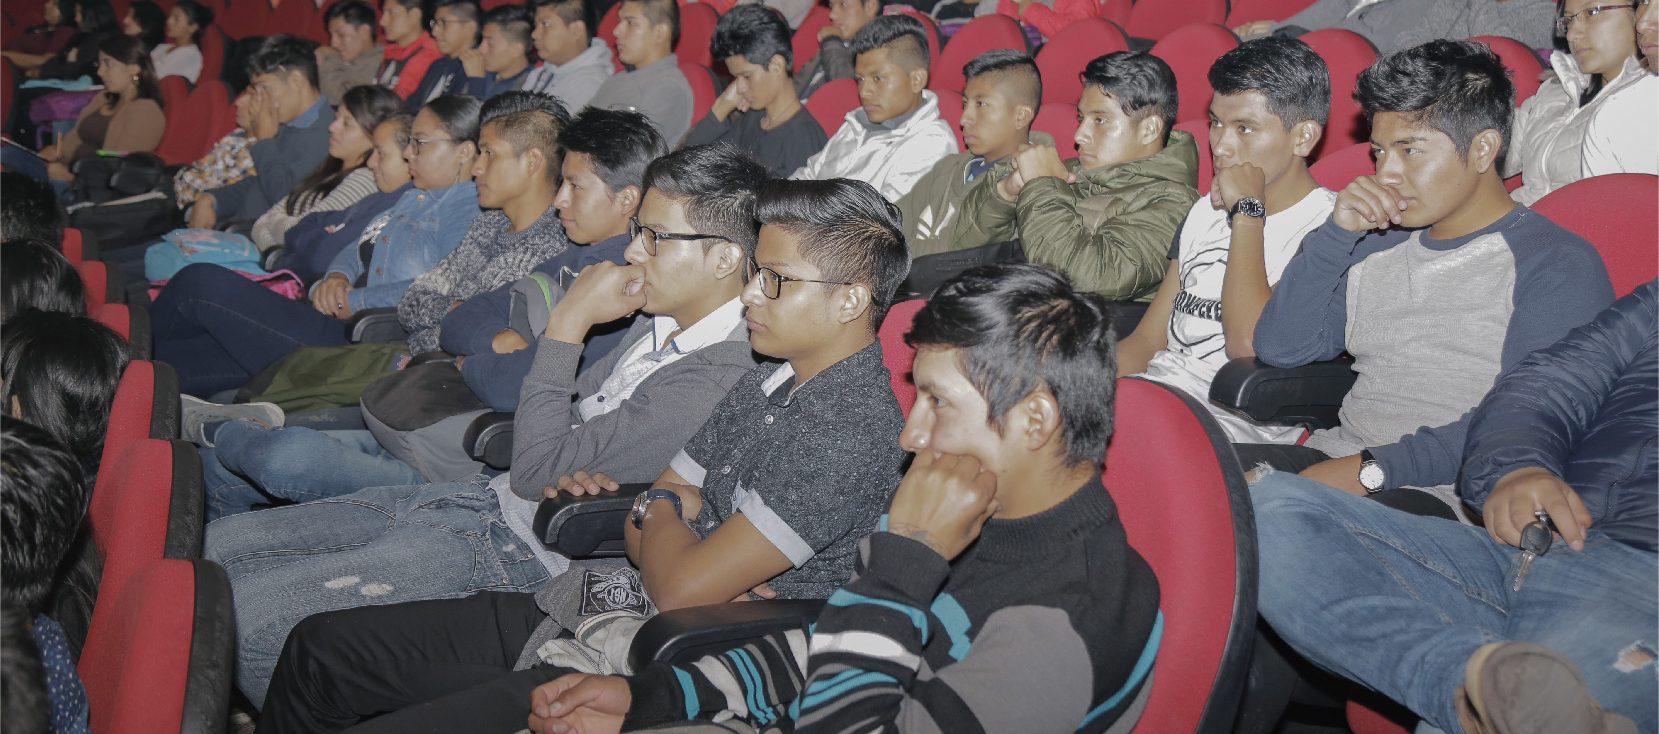 Unach organizó conferencias sobre avances tecnológicos